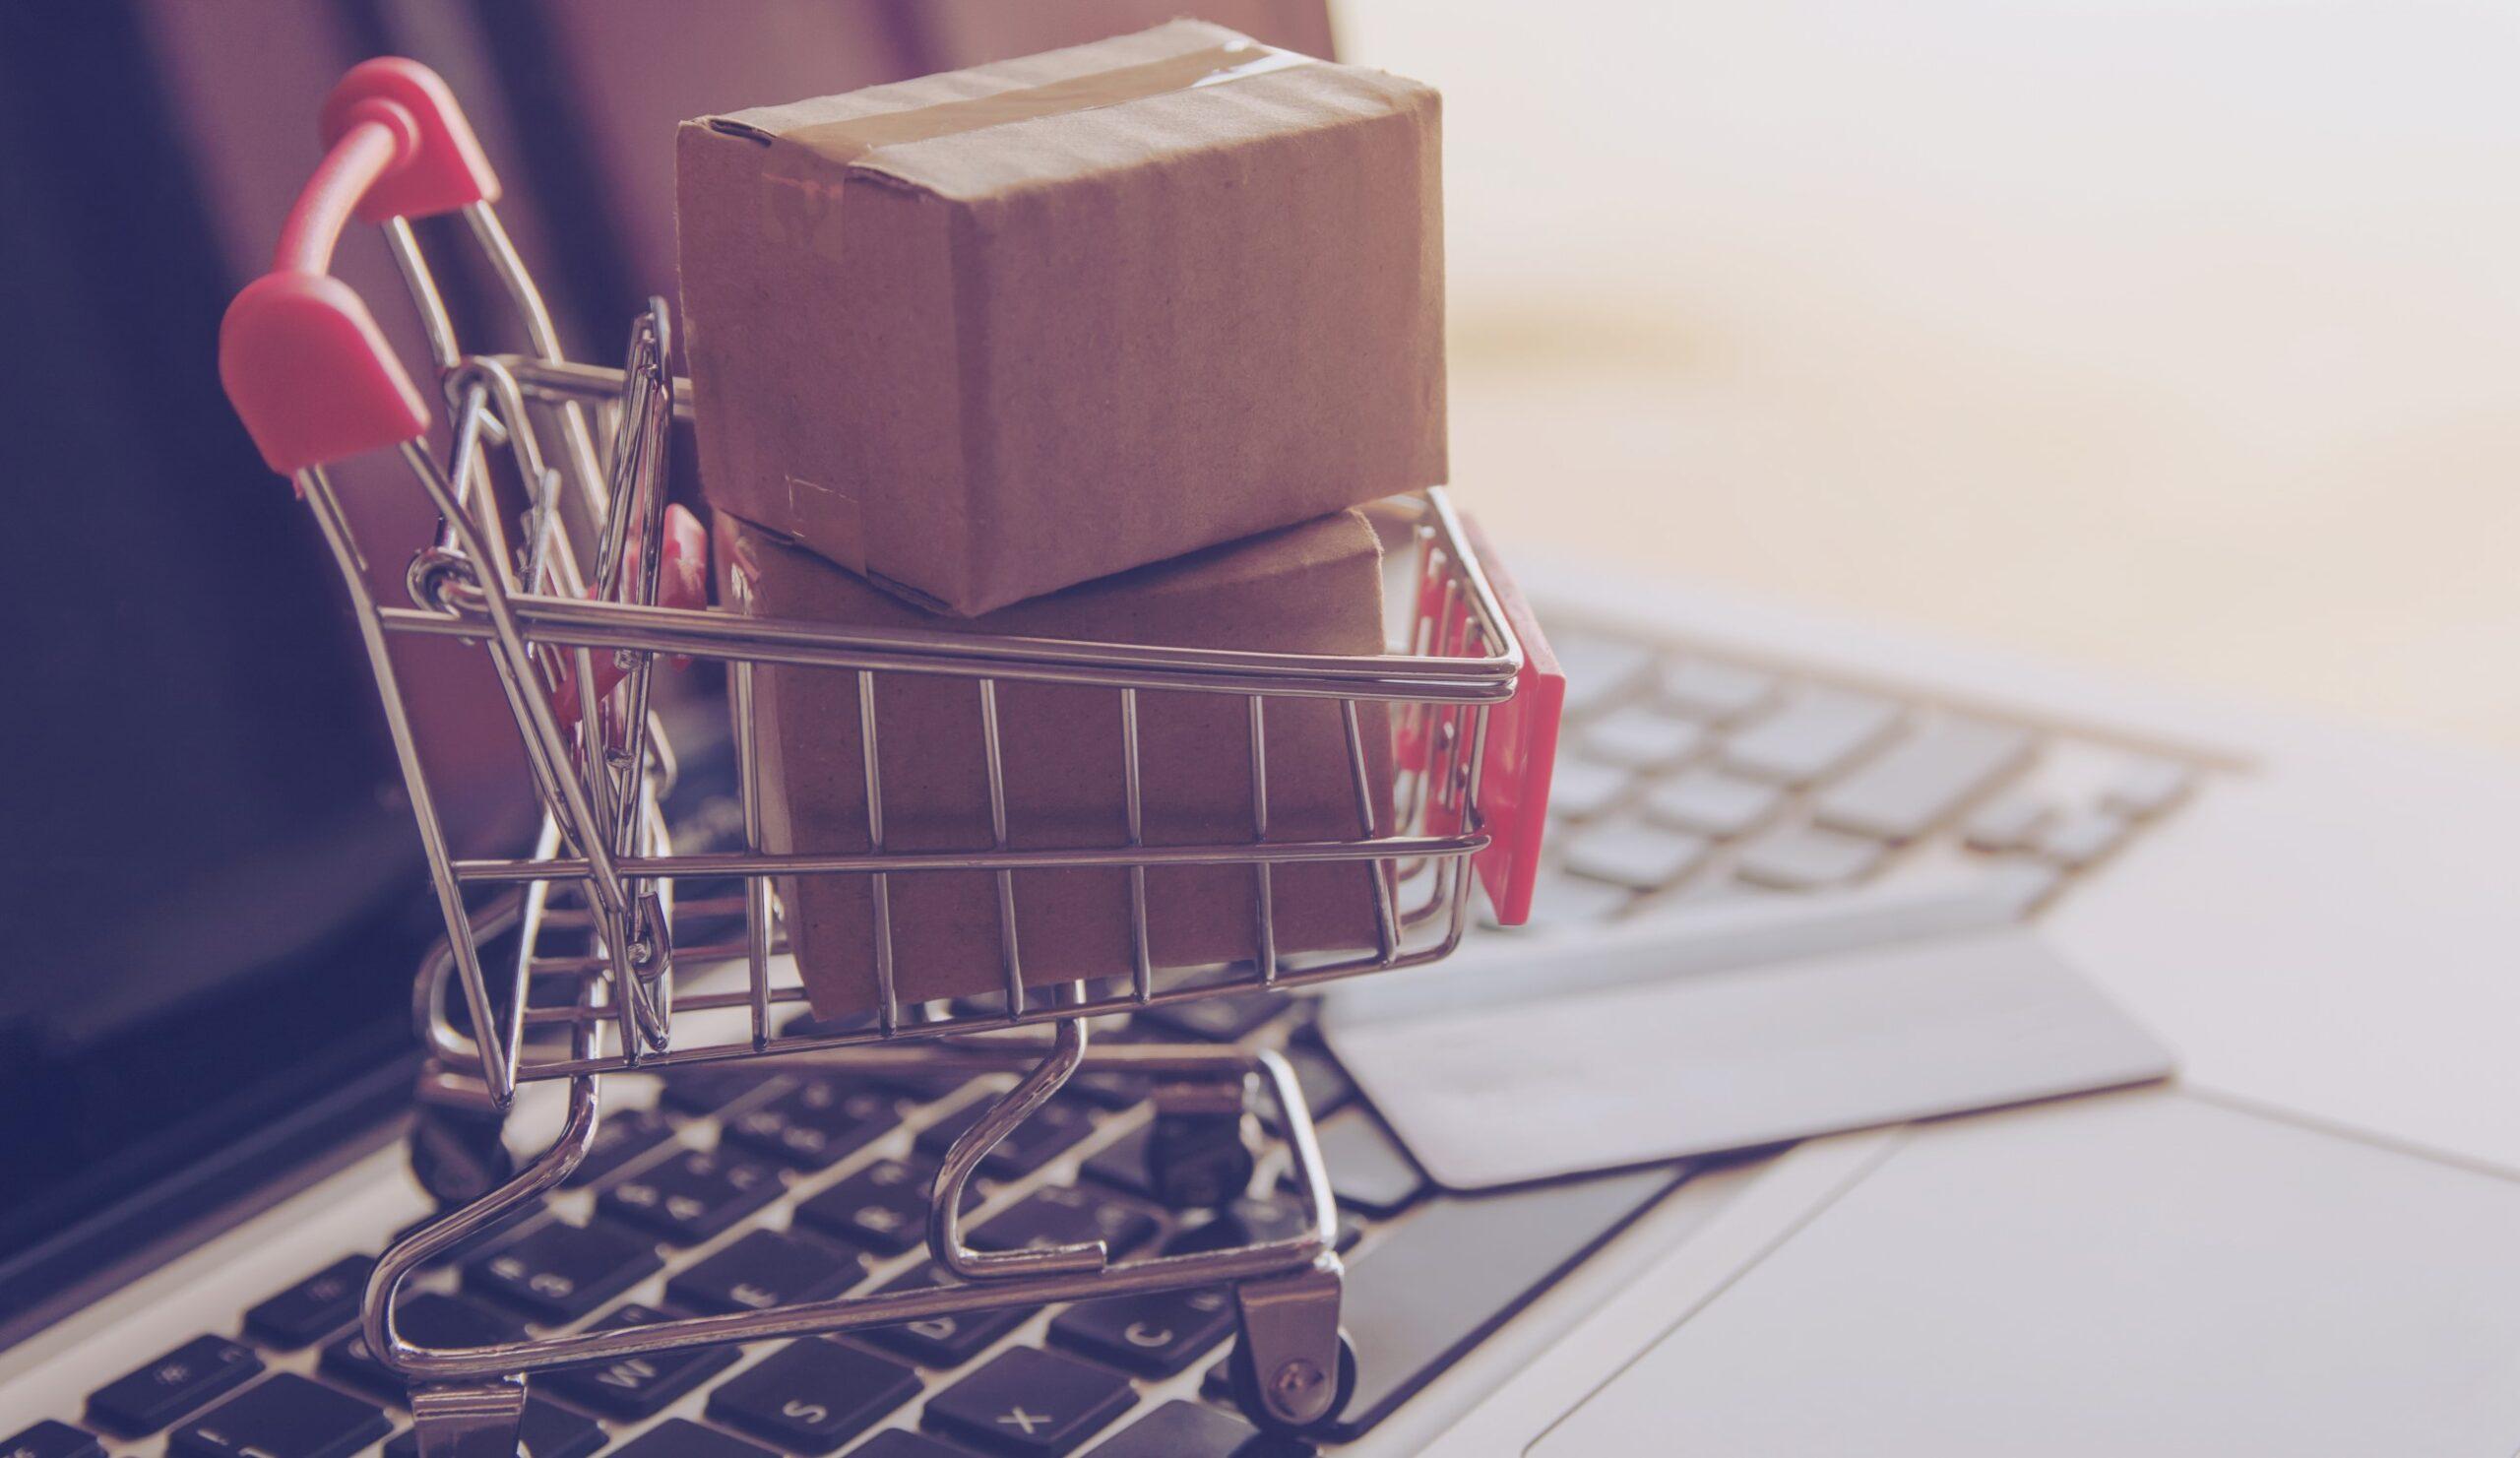 Adesivi per packaging e-commerce: il settore in continua espansione